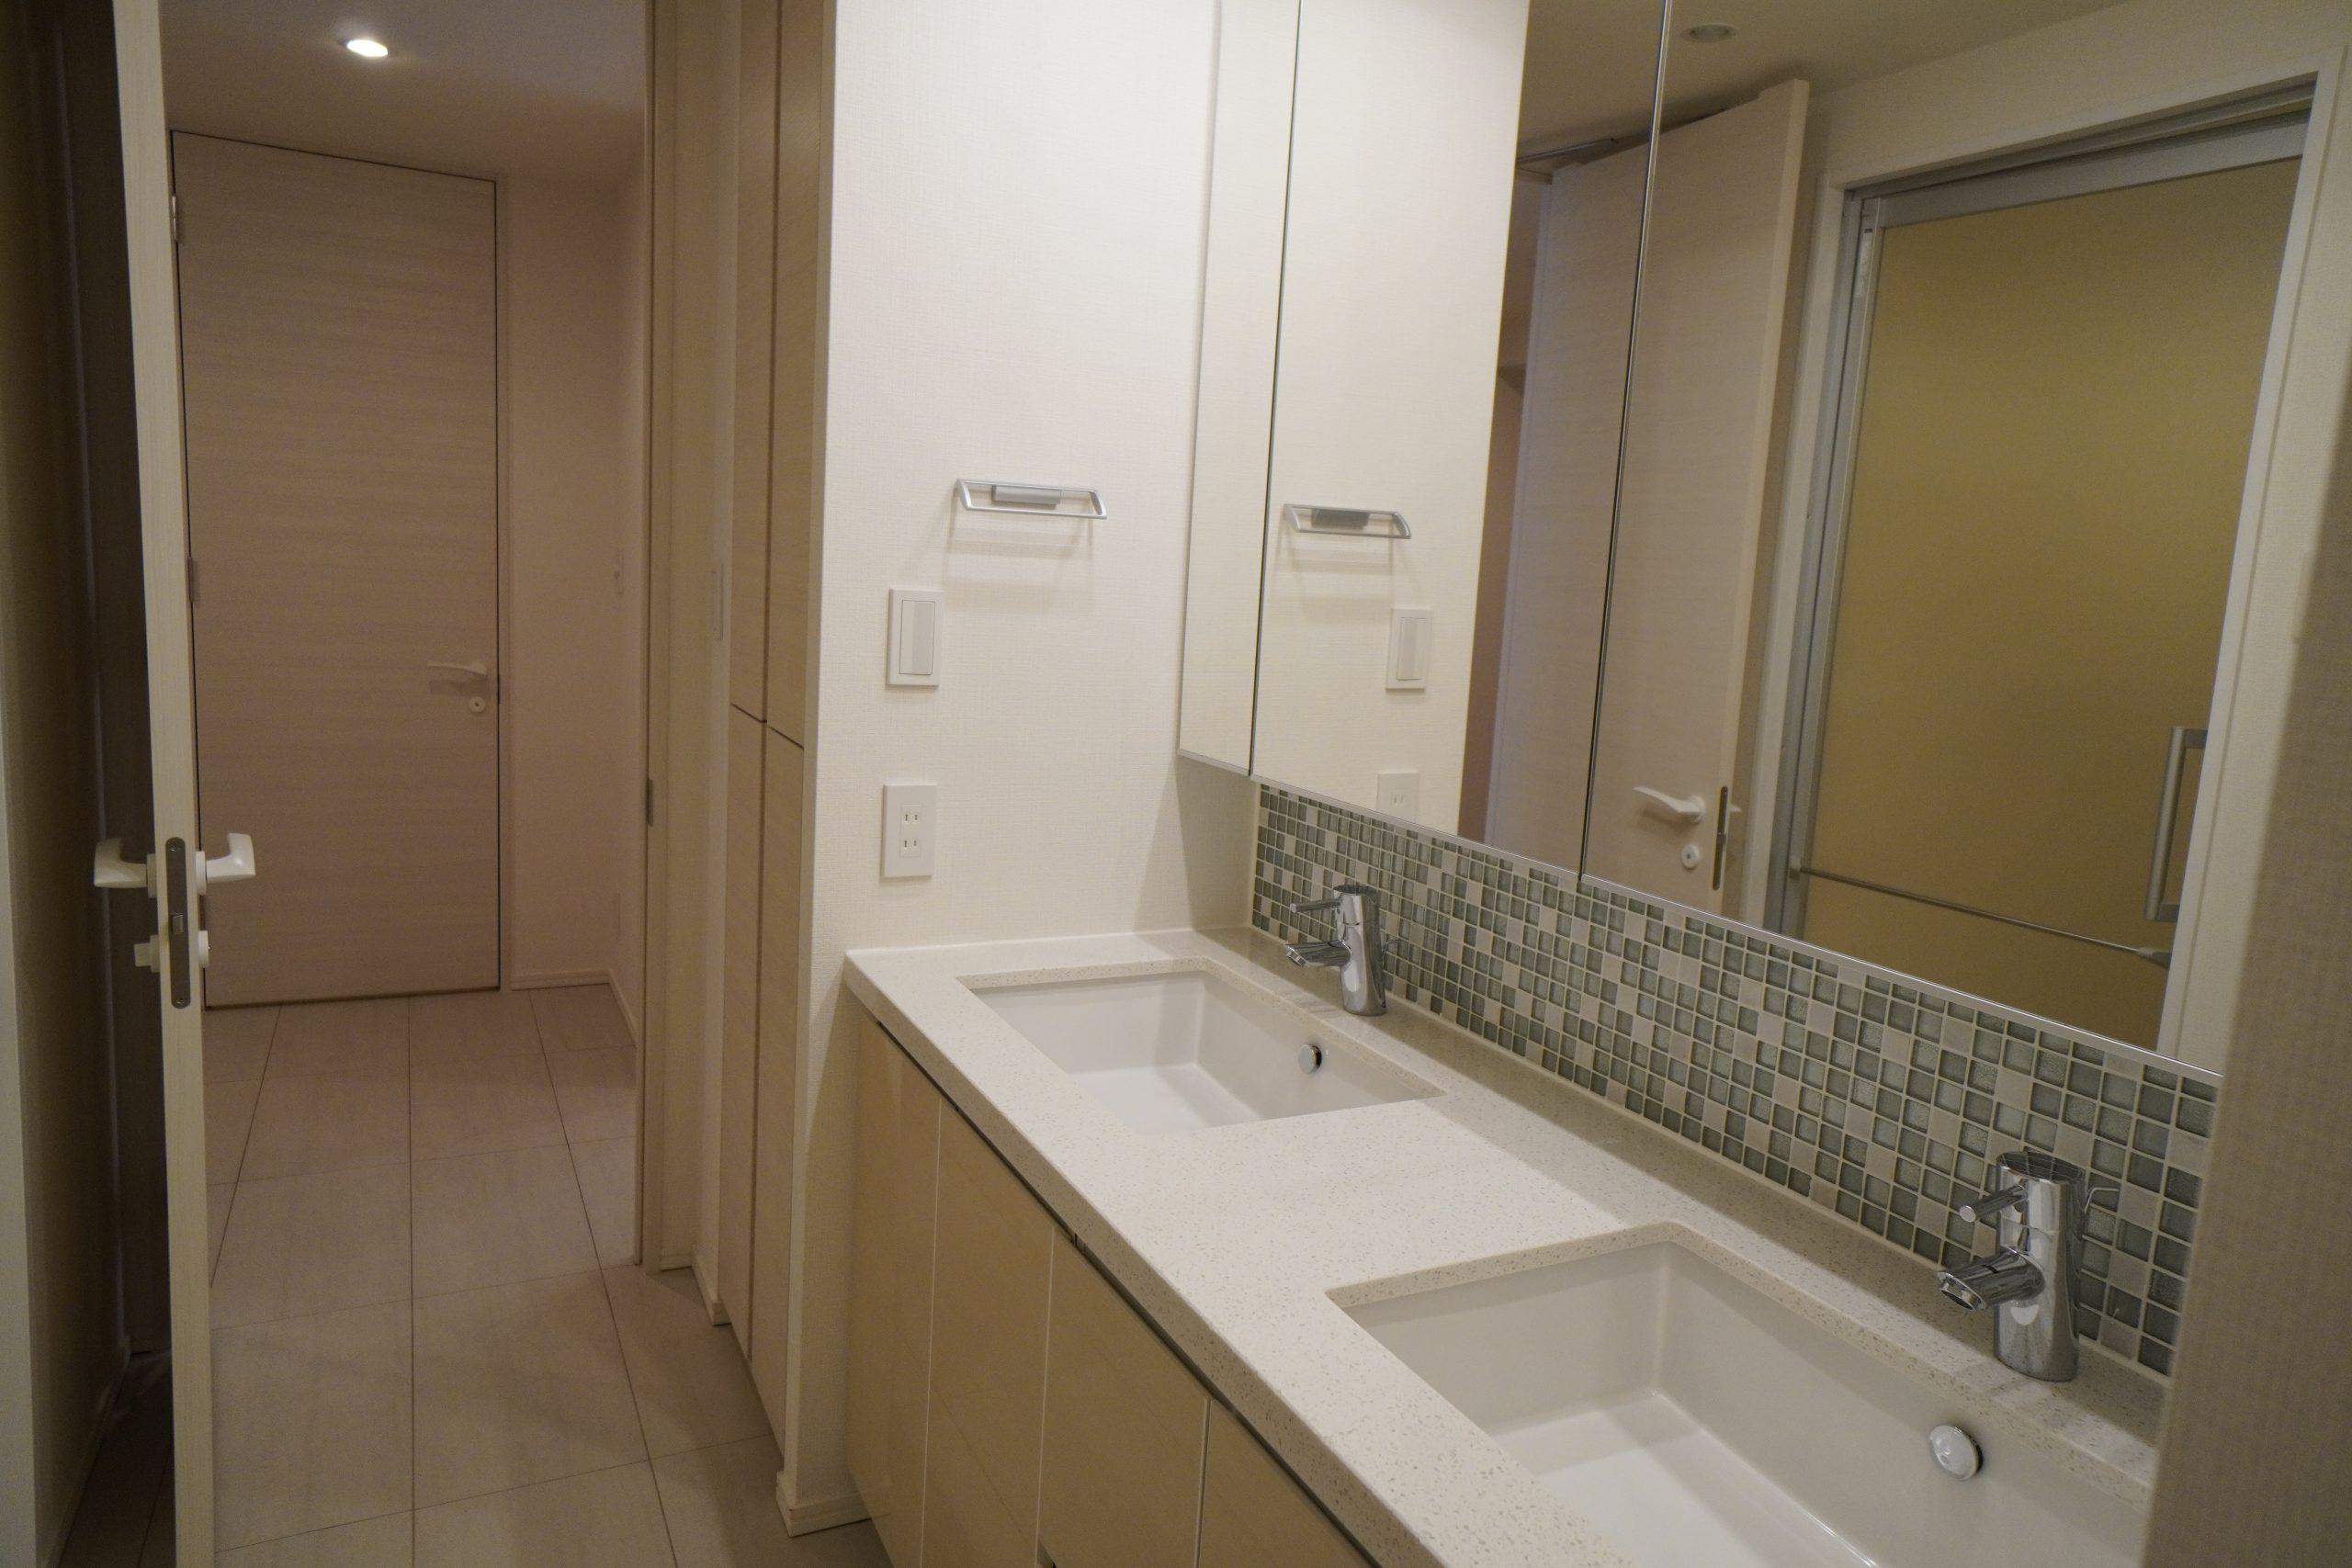 コンフォリア新宿イーストサイドタワー 511の写真9